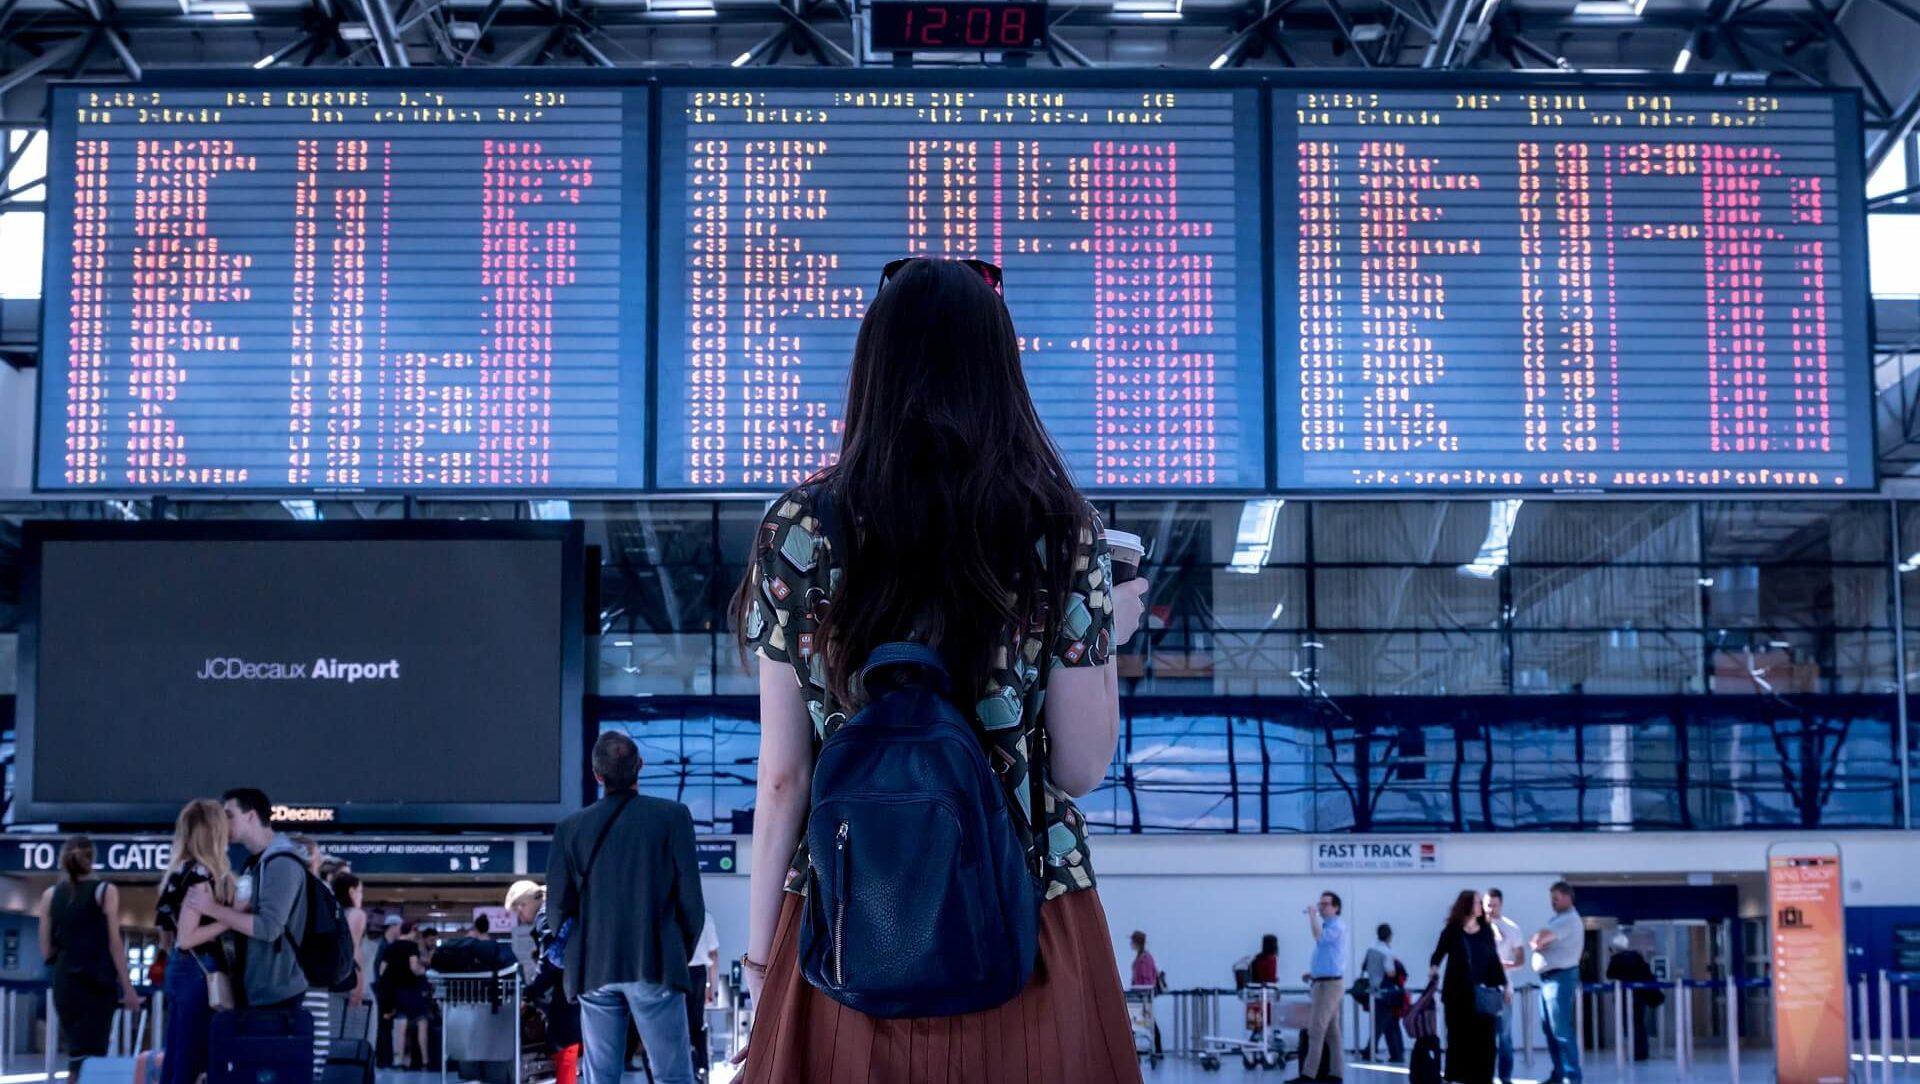 Protocolo IATA, viajar en avión después del coronavirus - Bichito viajero